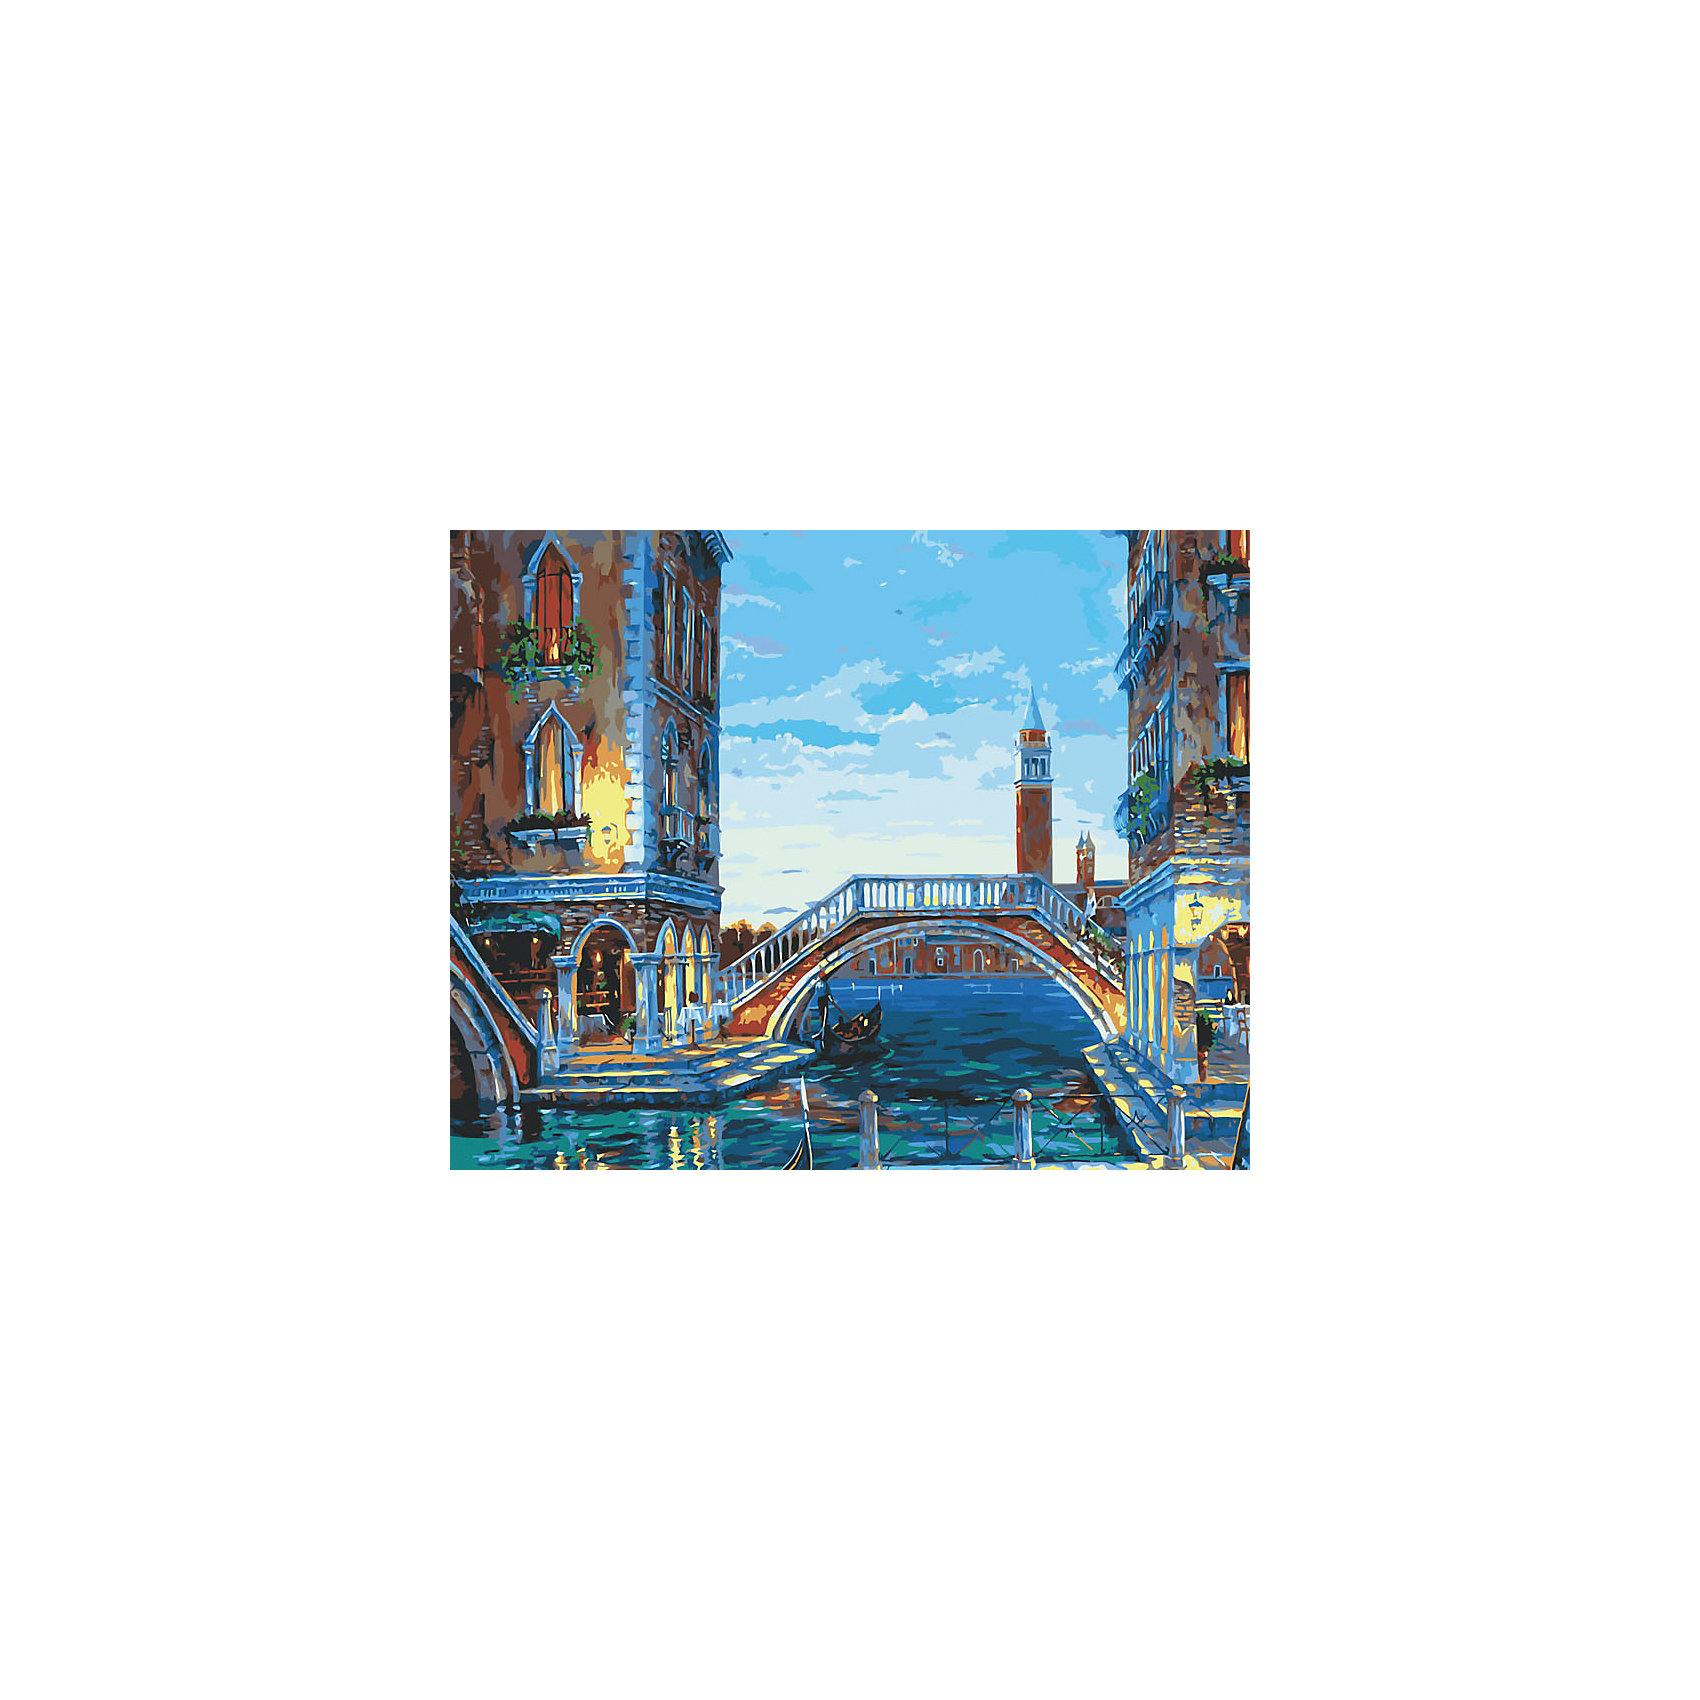 Живопись на холсте Каналы Венеции 40*50 смРисование<br>Характеристики товара:<br><br>• комплектация: холст, карта рисунка, краски, кисти, инструкция, крепление для картины<br>• размер упаковки: 41х51х3 см<br>• размер холста: 40х50 см<br>• не требует специальных навыков<br>• страна бренда: Российская Федерация<br>• страна производства: Китай<br><br>Набор для раскрашивания по номерам - это отличный подарок для ребенка или взрослого! В комплекте есть всё необходимое для самостоятельного создания шедевра: холст, краски, кисти и инструкция. Акриловые краски не нужно смешивать - каждый номер баночки соответствует номеру нужного оттенка на холсте. Нарисовать картину сможет даже человек, никогда раньше не рисовавший! Готовое полотно и может стать украшением интерьера или подарком для близких.<br>Комплектующие набора качественно выполнены, сделаны из безопасных для детей материалов. Рисование помогает детям лучше развить мелкую моторику, память, внимание, аккуратность и мышление. Такой набор - отличный подарок ребенку, но он сможет увлечь даже взрослого!<br><br>Живопись на холсте Каналы Венеции 40*50 см от бренда Белоснежка можно купить в нашем интернет-магазине.<br><br>Ширина мм: 510<br>Глубина мм: 410<br>Высота мм: 25<br>Вес г: 850<br>Возраст от месяцев: 72<br>Возраст до месяцев: 2147483647<br>Пол: Унисекс<br>Возраст: Детский<br>SKU: 5275917